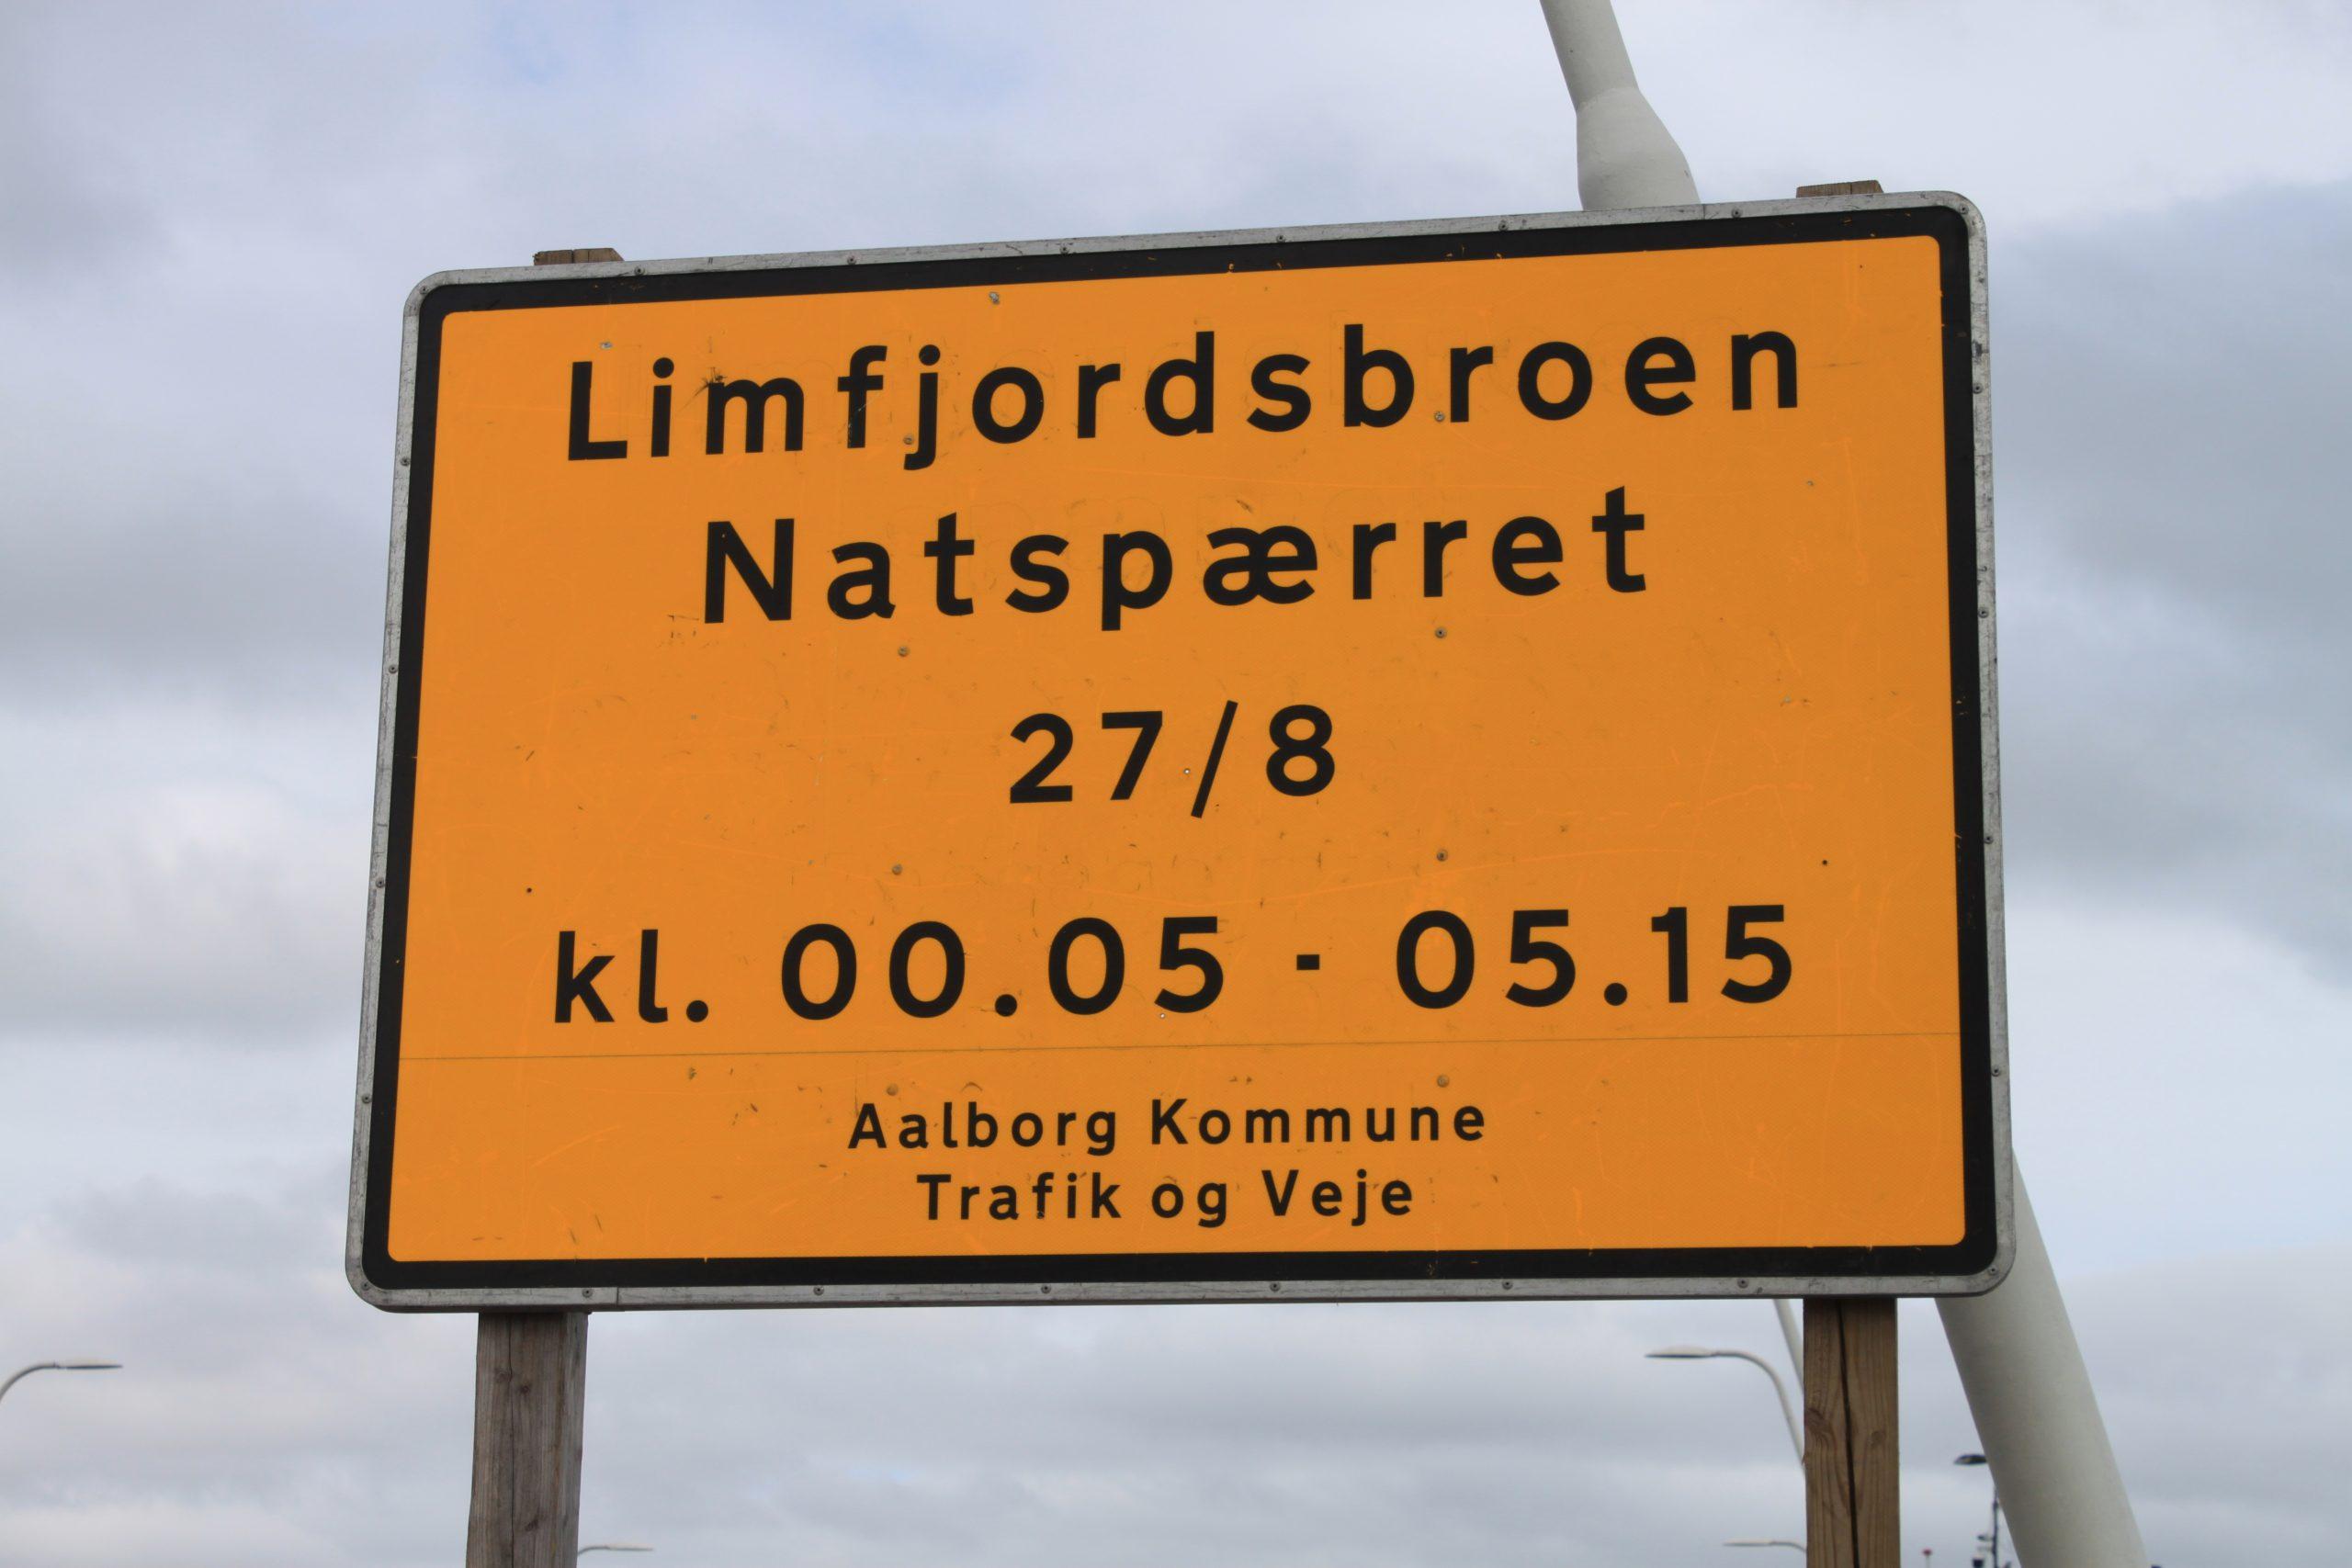 Vær opmærksom: Limfjordsbroen spærres i nat